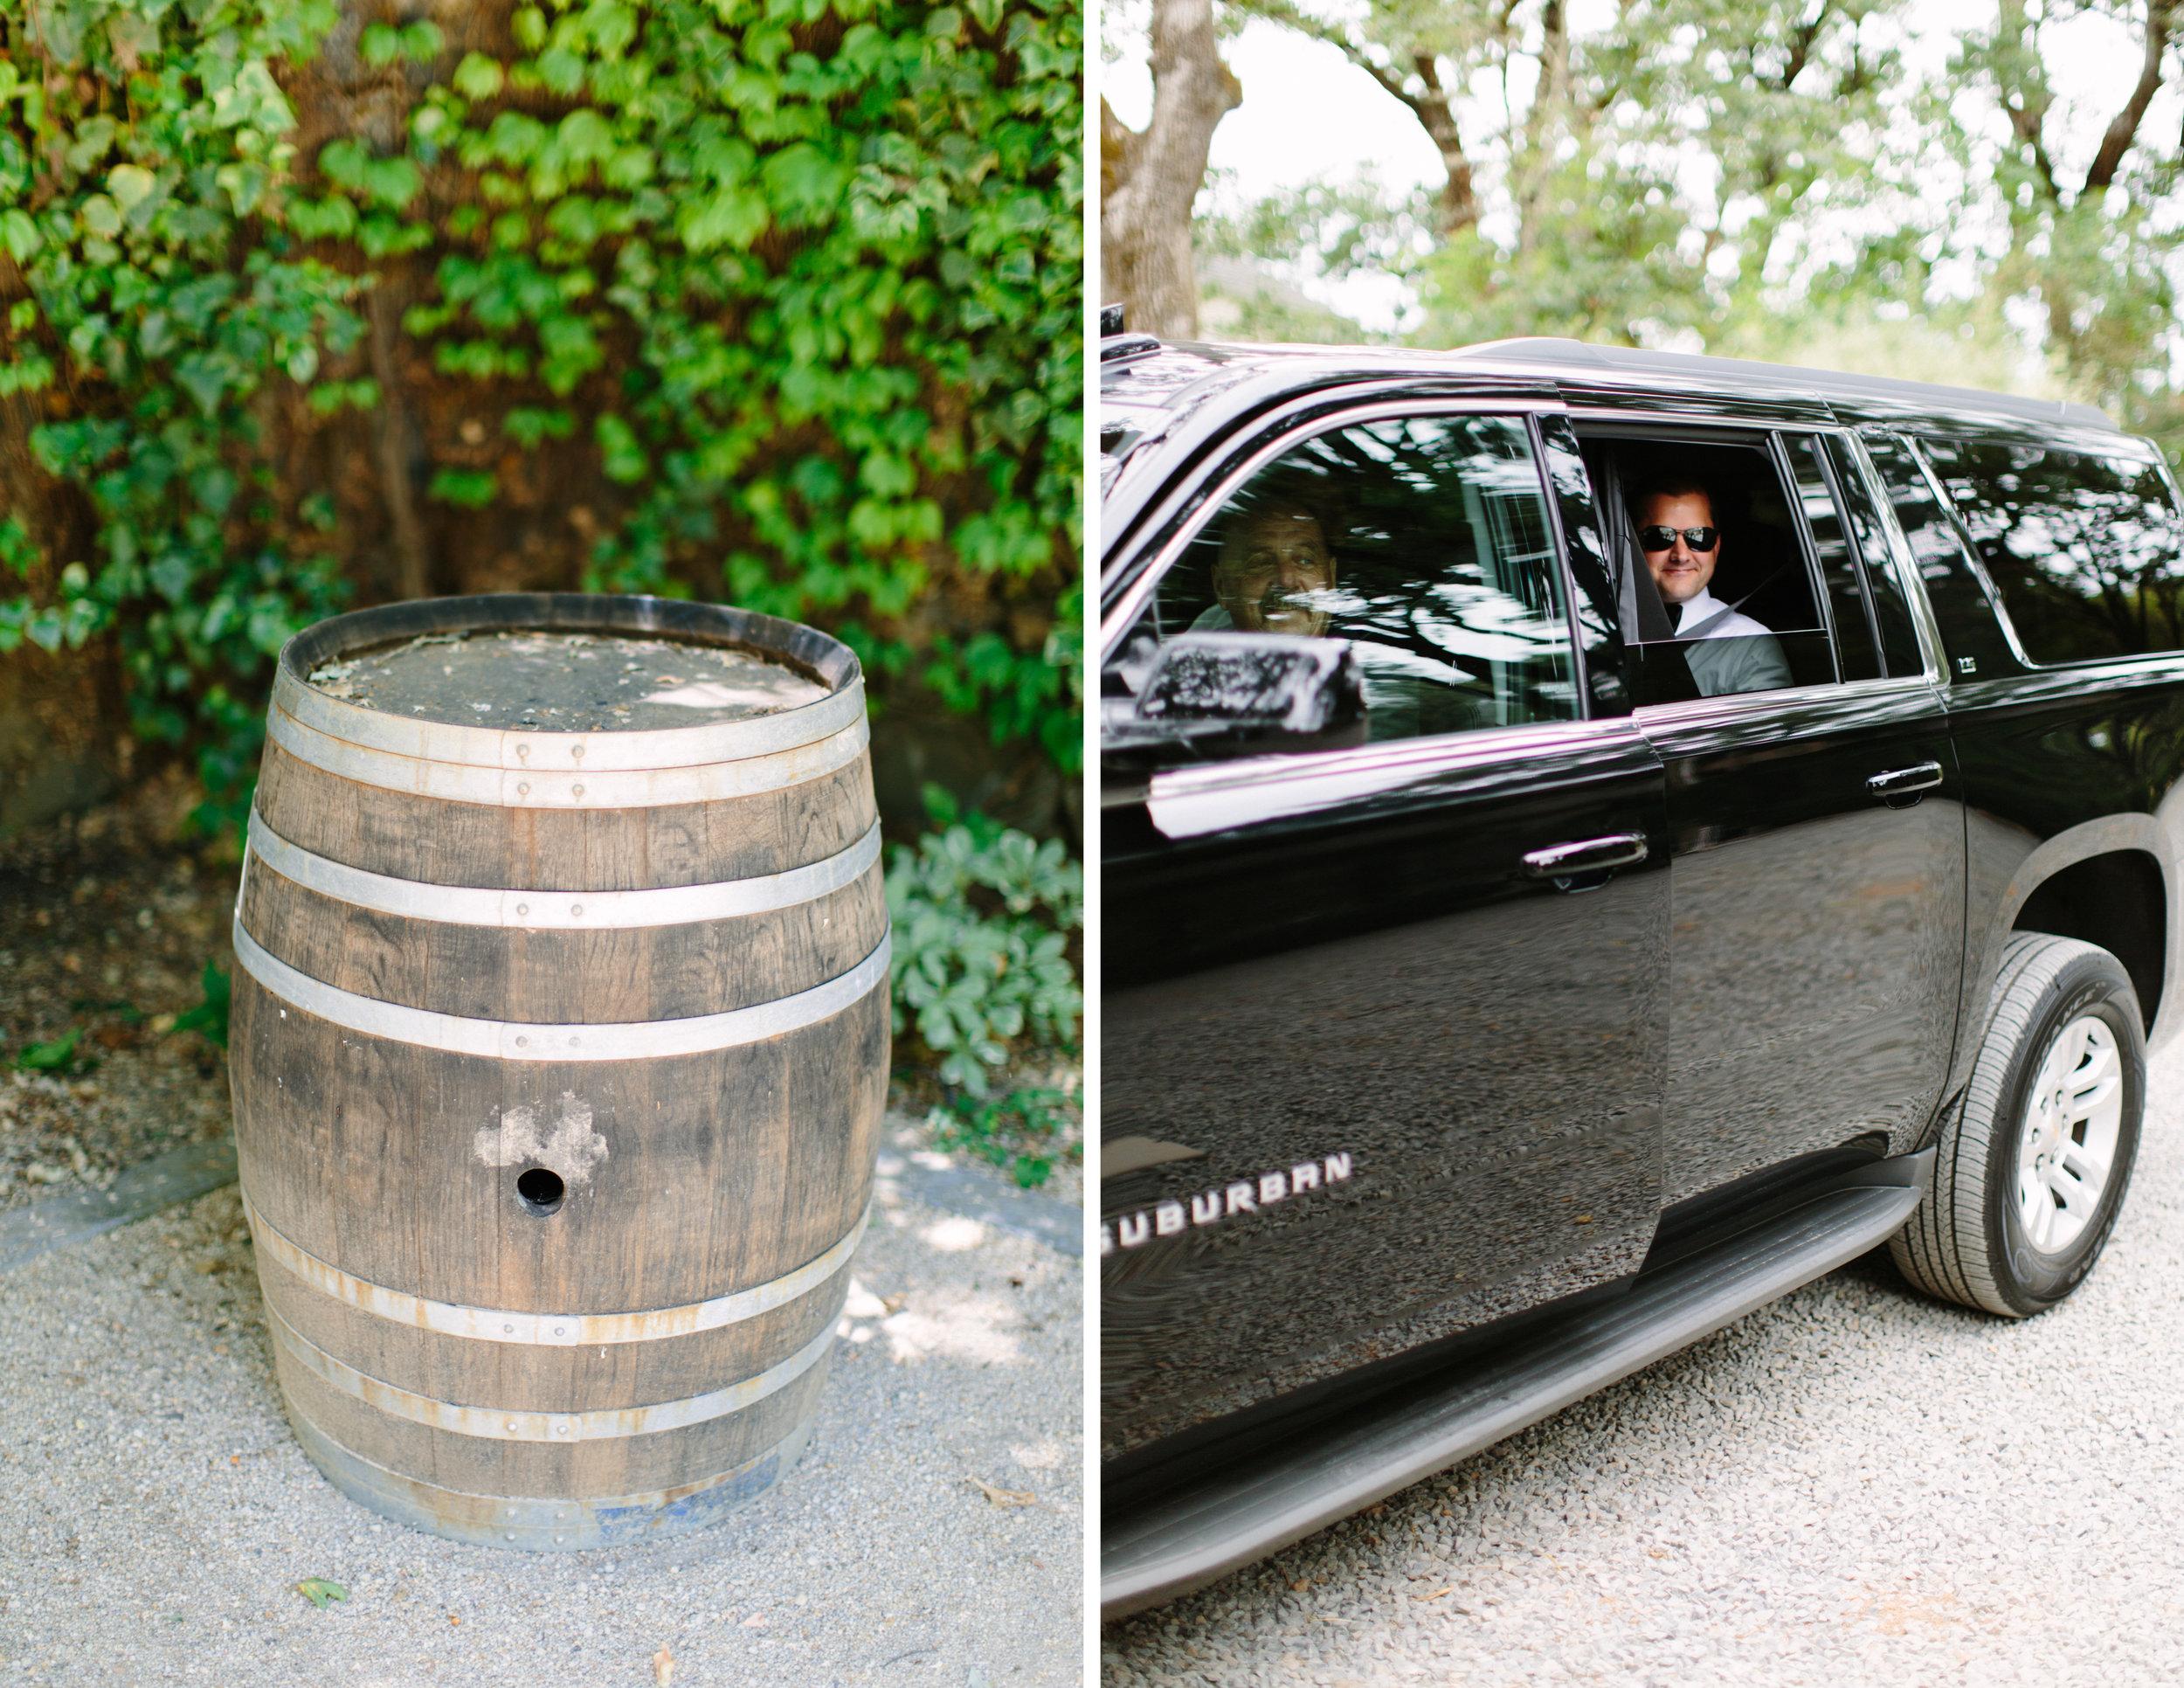 annadel estate winery wedding 4.jpg